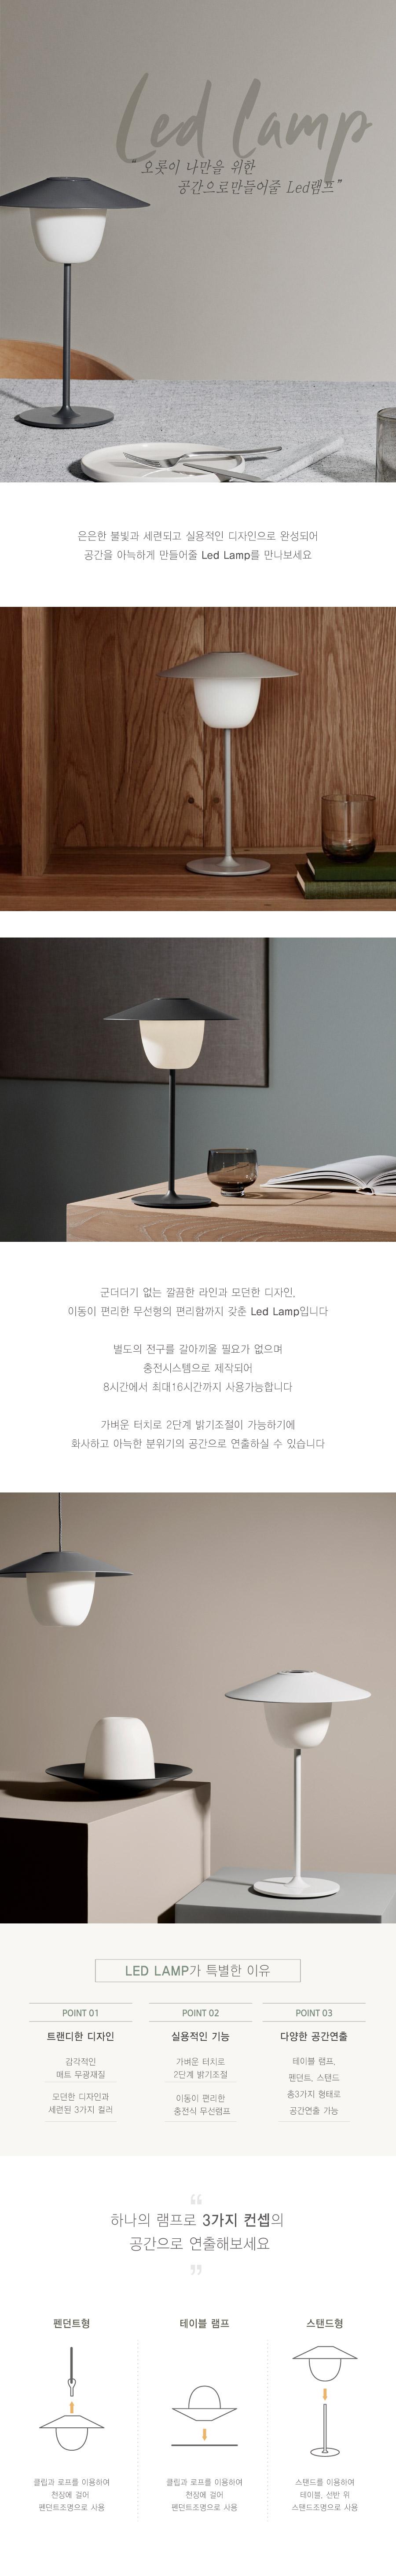 led-lamp-1.jpg